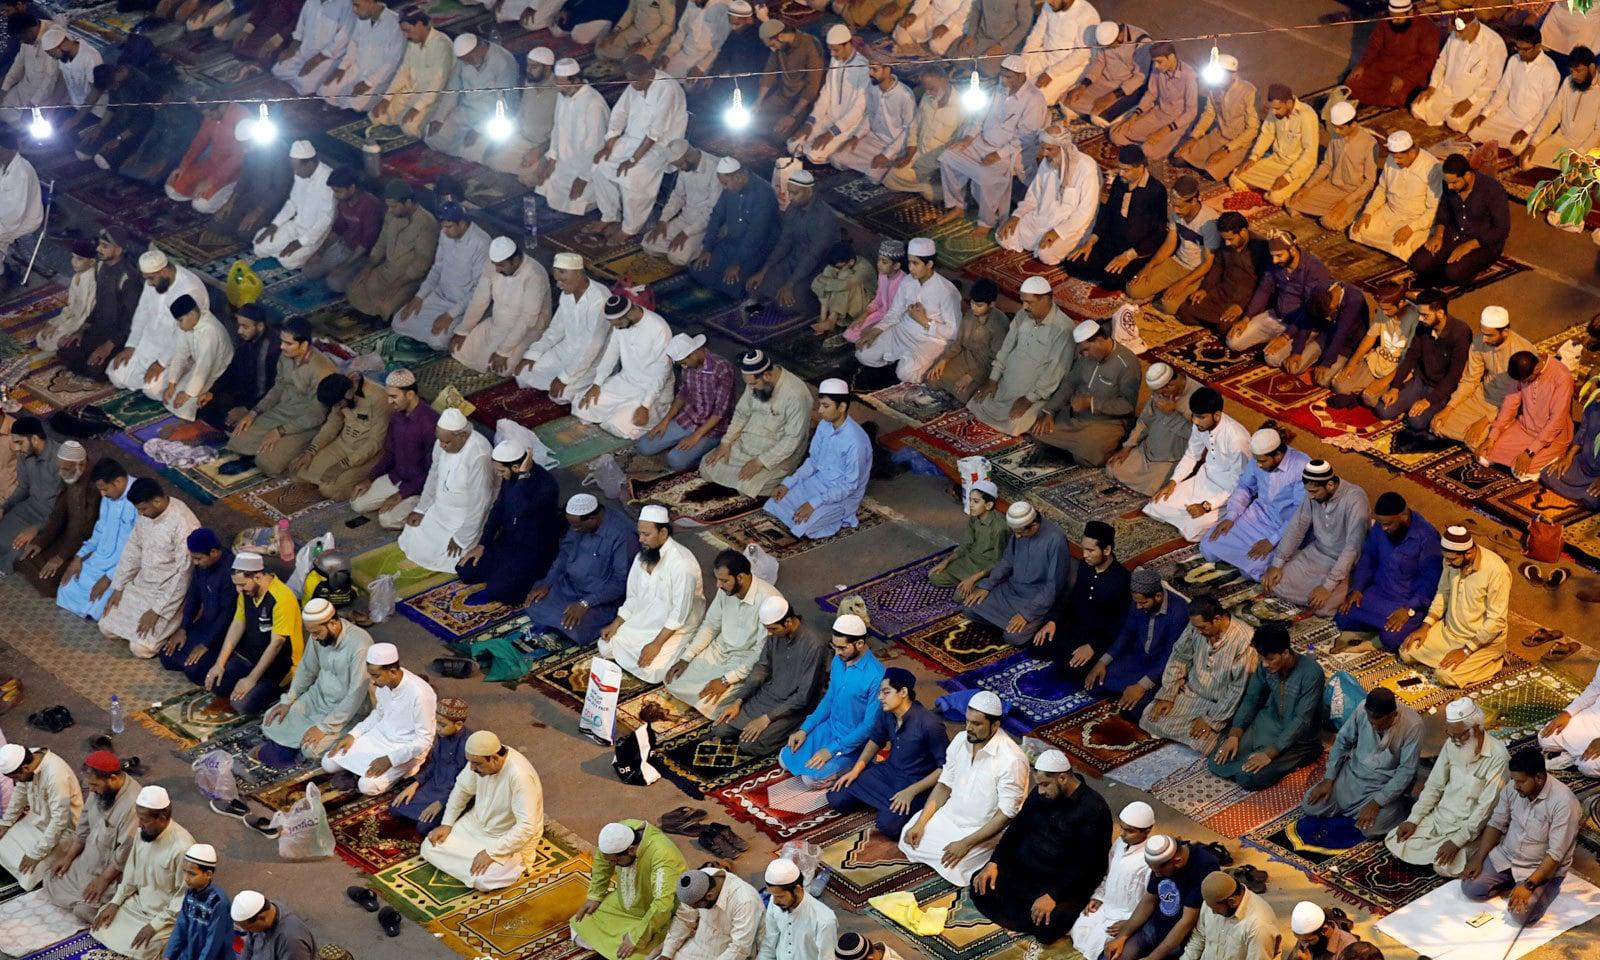 شہریوں کی بڑی تعداد نے تراویح کے اجتماعات میں شرکت کی — فوٹو: رائٹرز